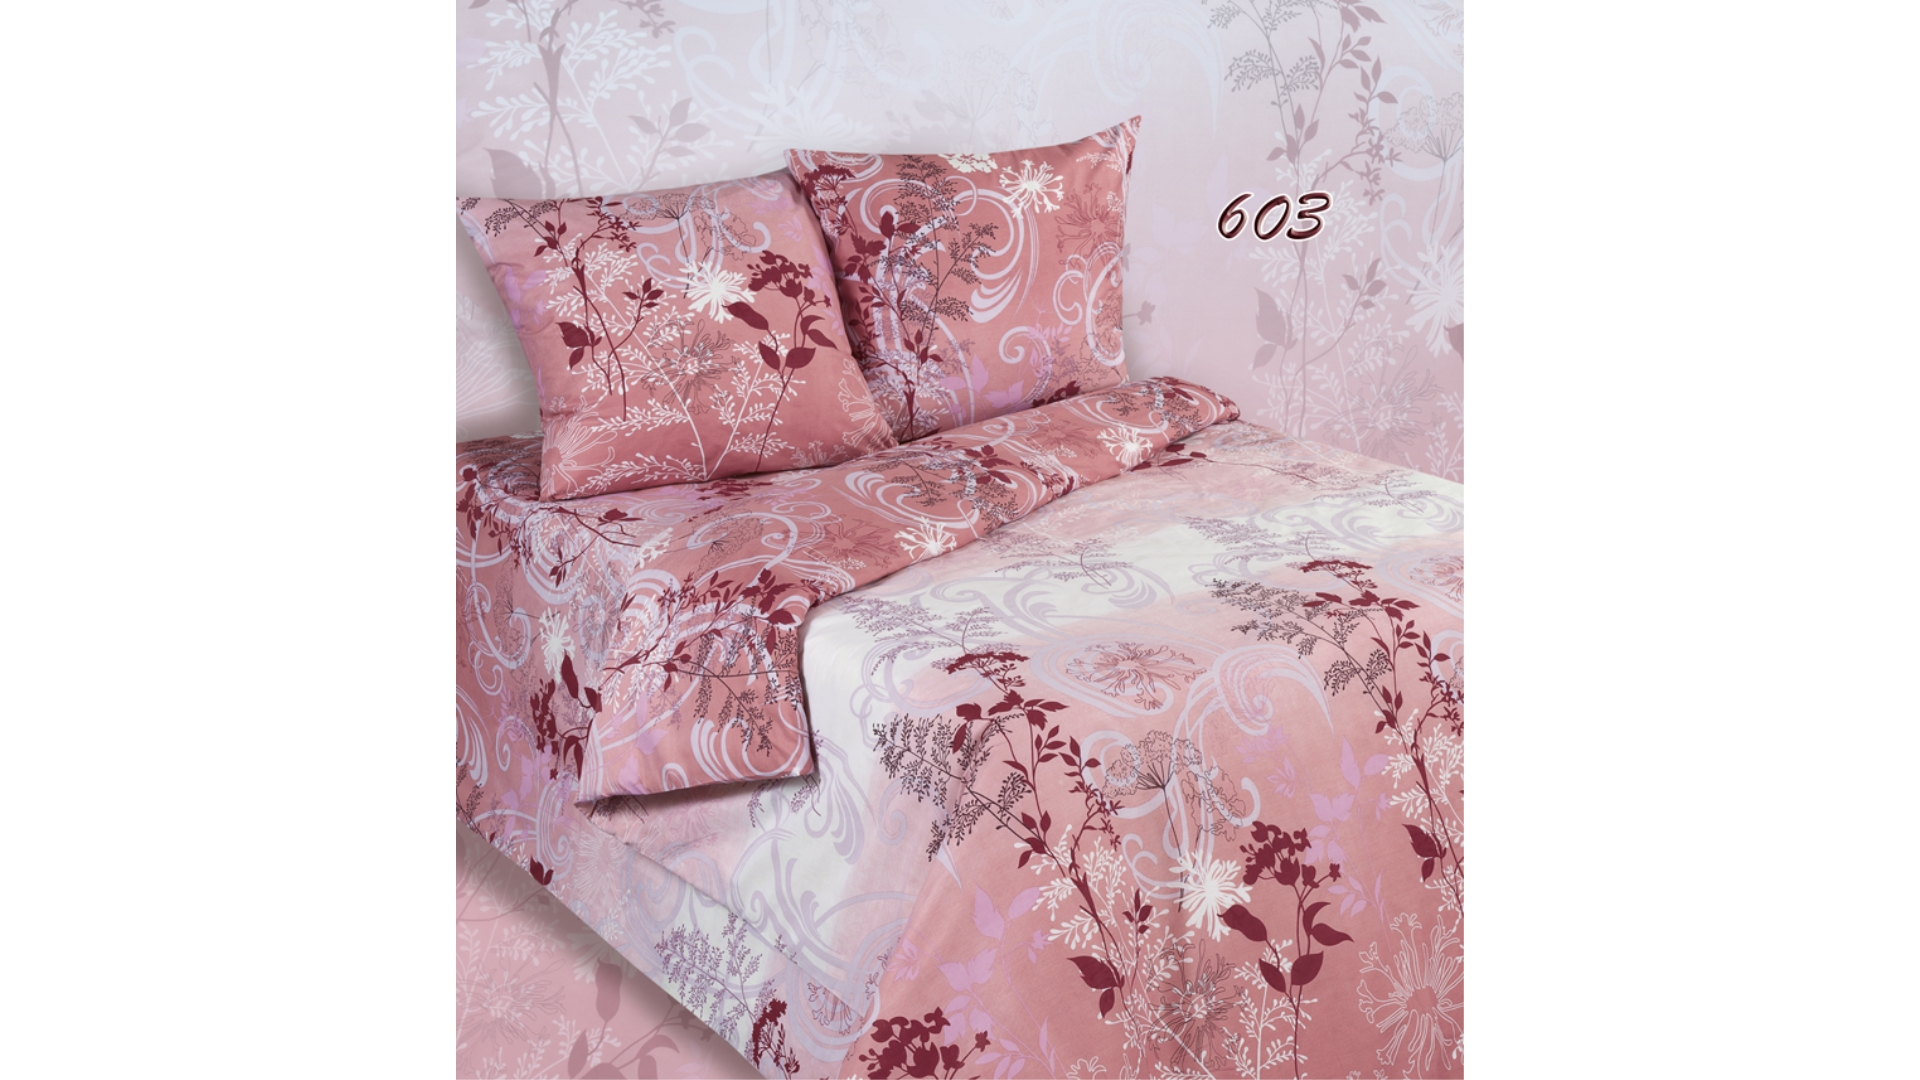 Комплект постельного белья Экзотика (603) фото FullHD (0)